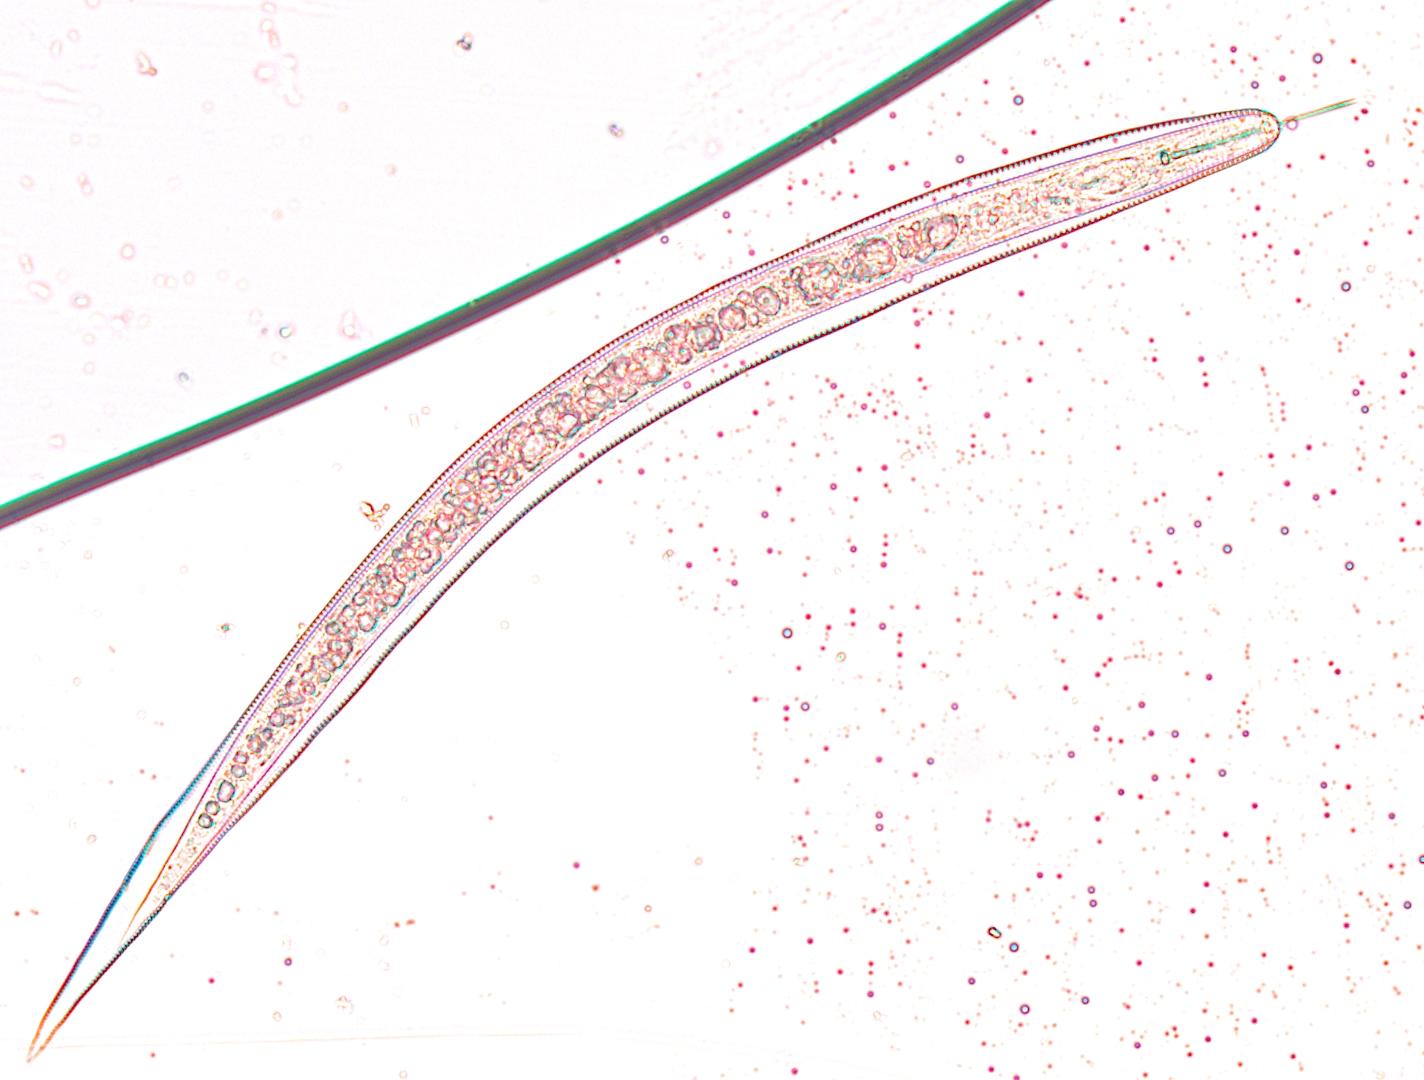 Espécime de Hemicycliophora sp. em amostra de raízes de cafeeiro